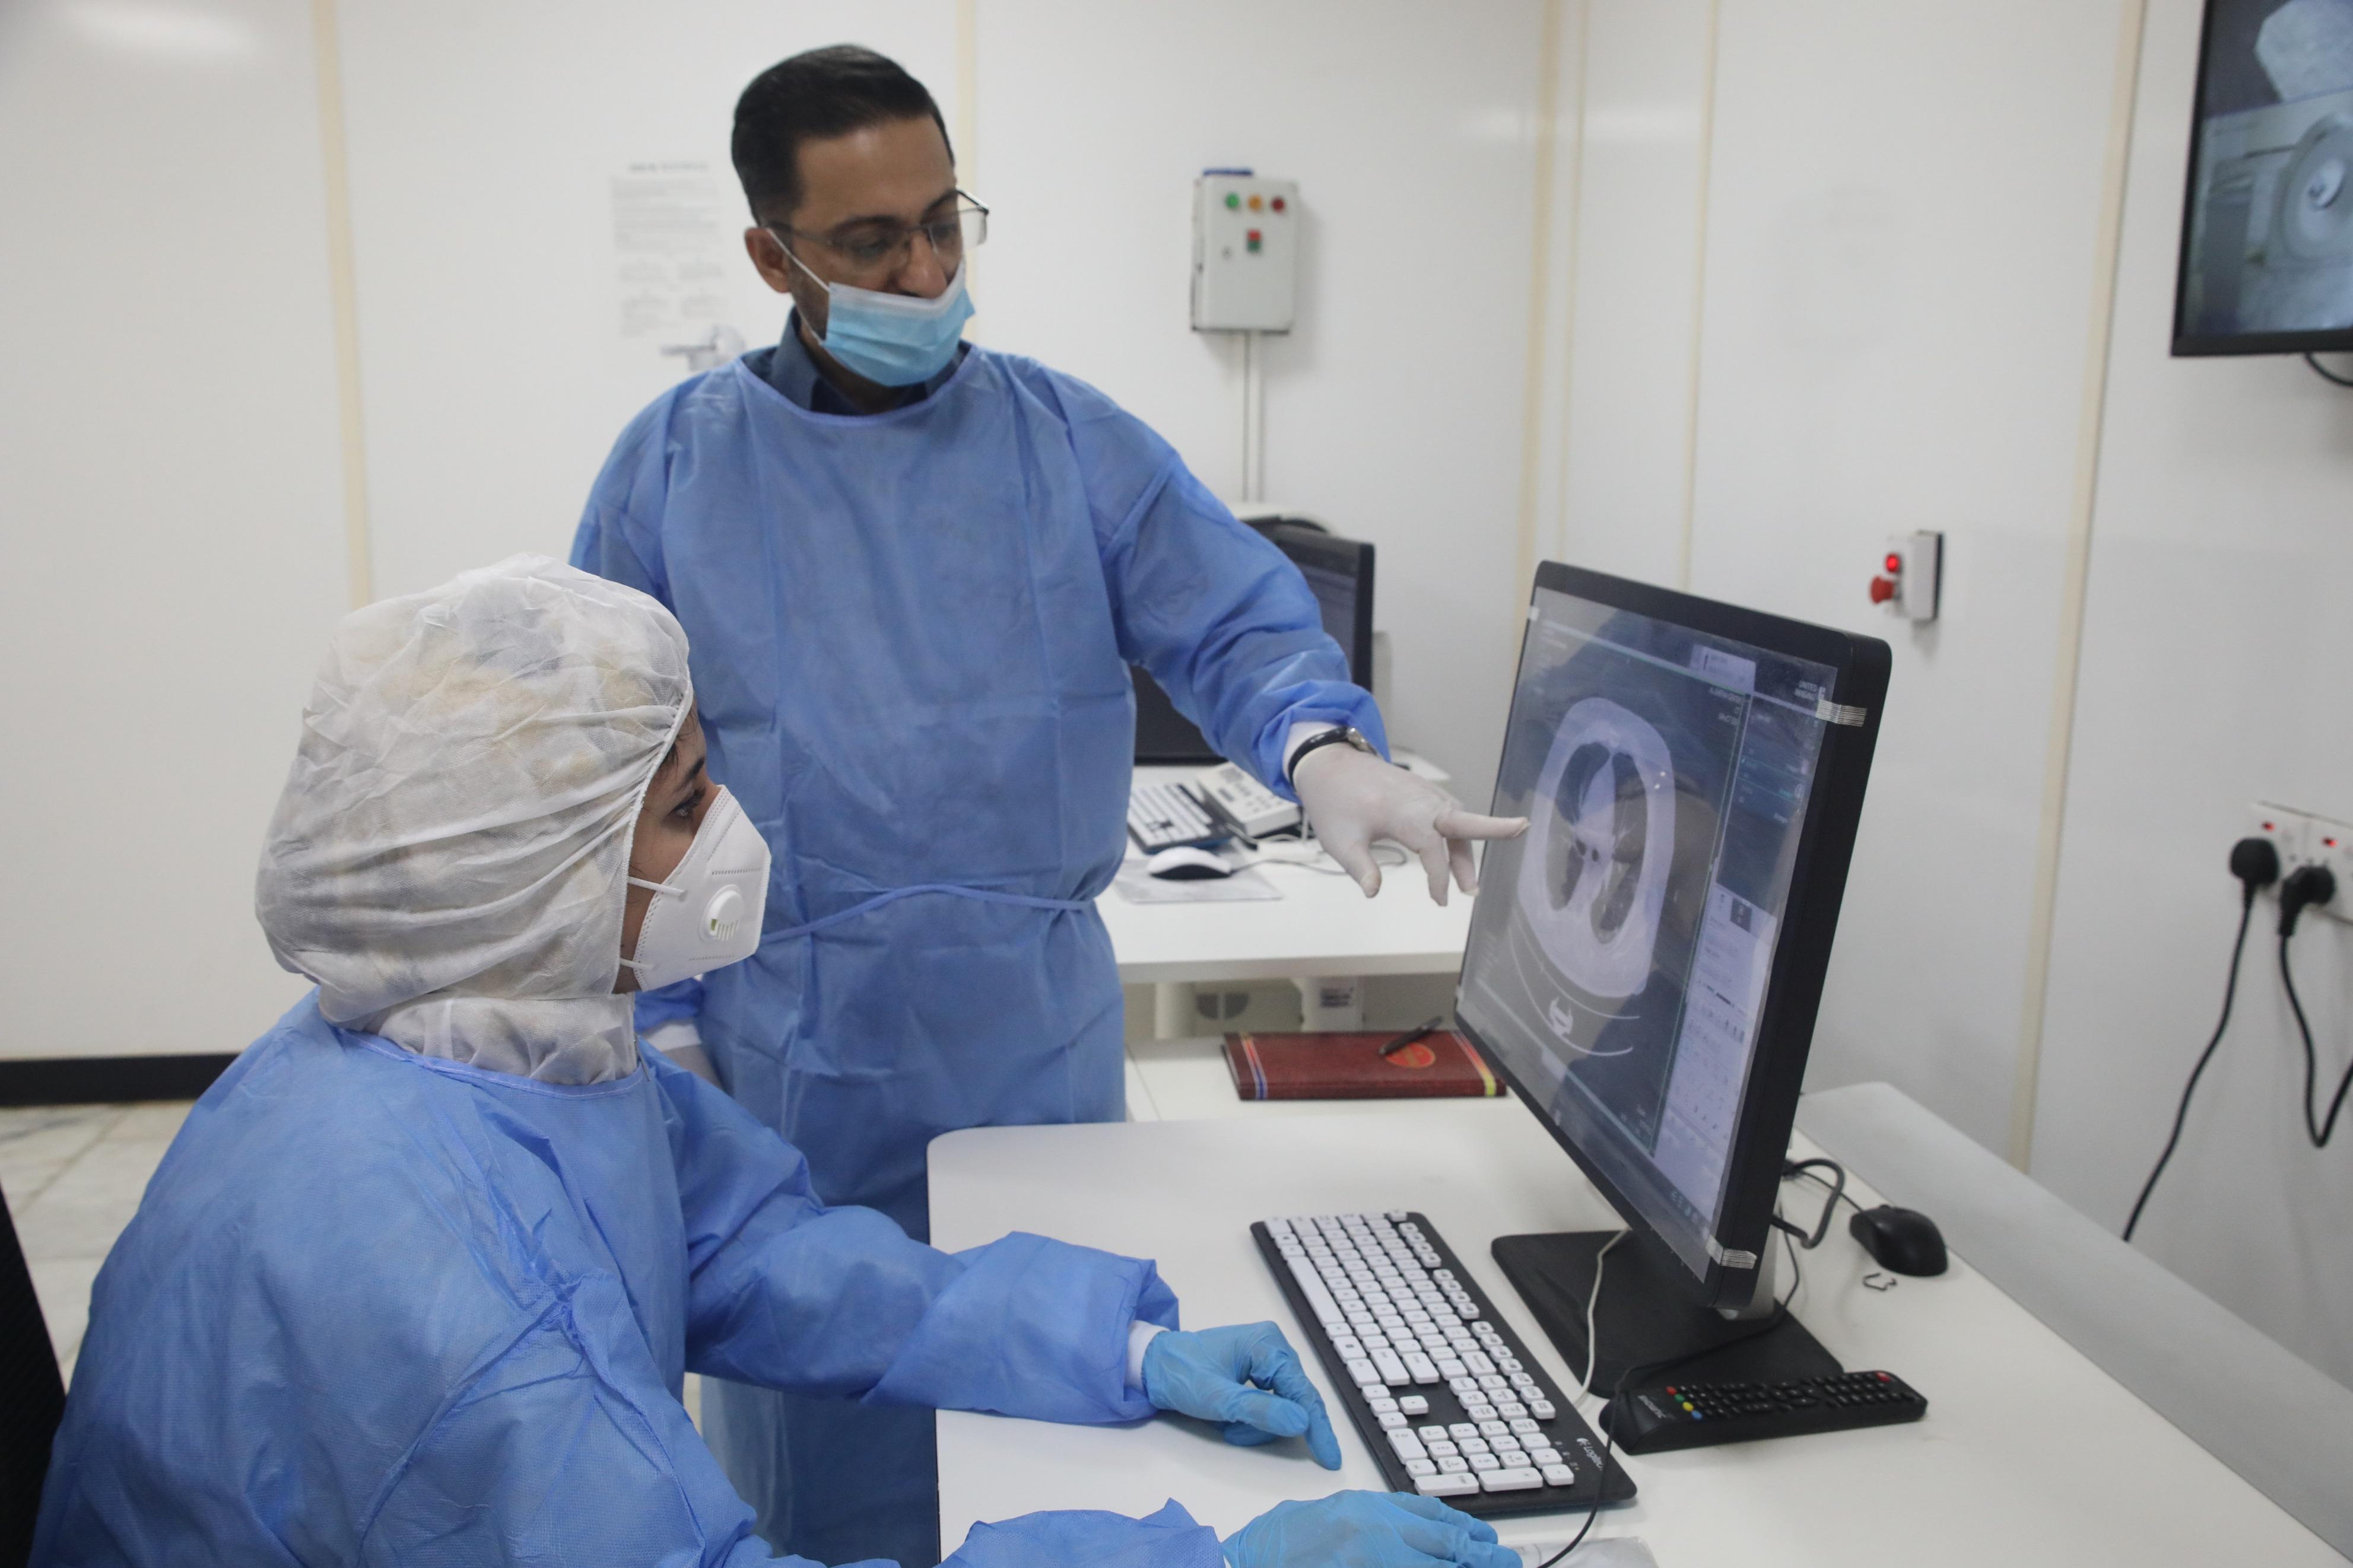 中国の医療機器、イラクで新型コロナ治療に貢献